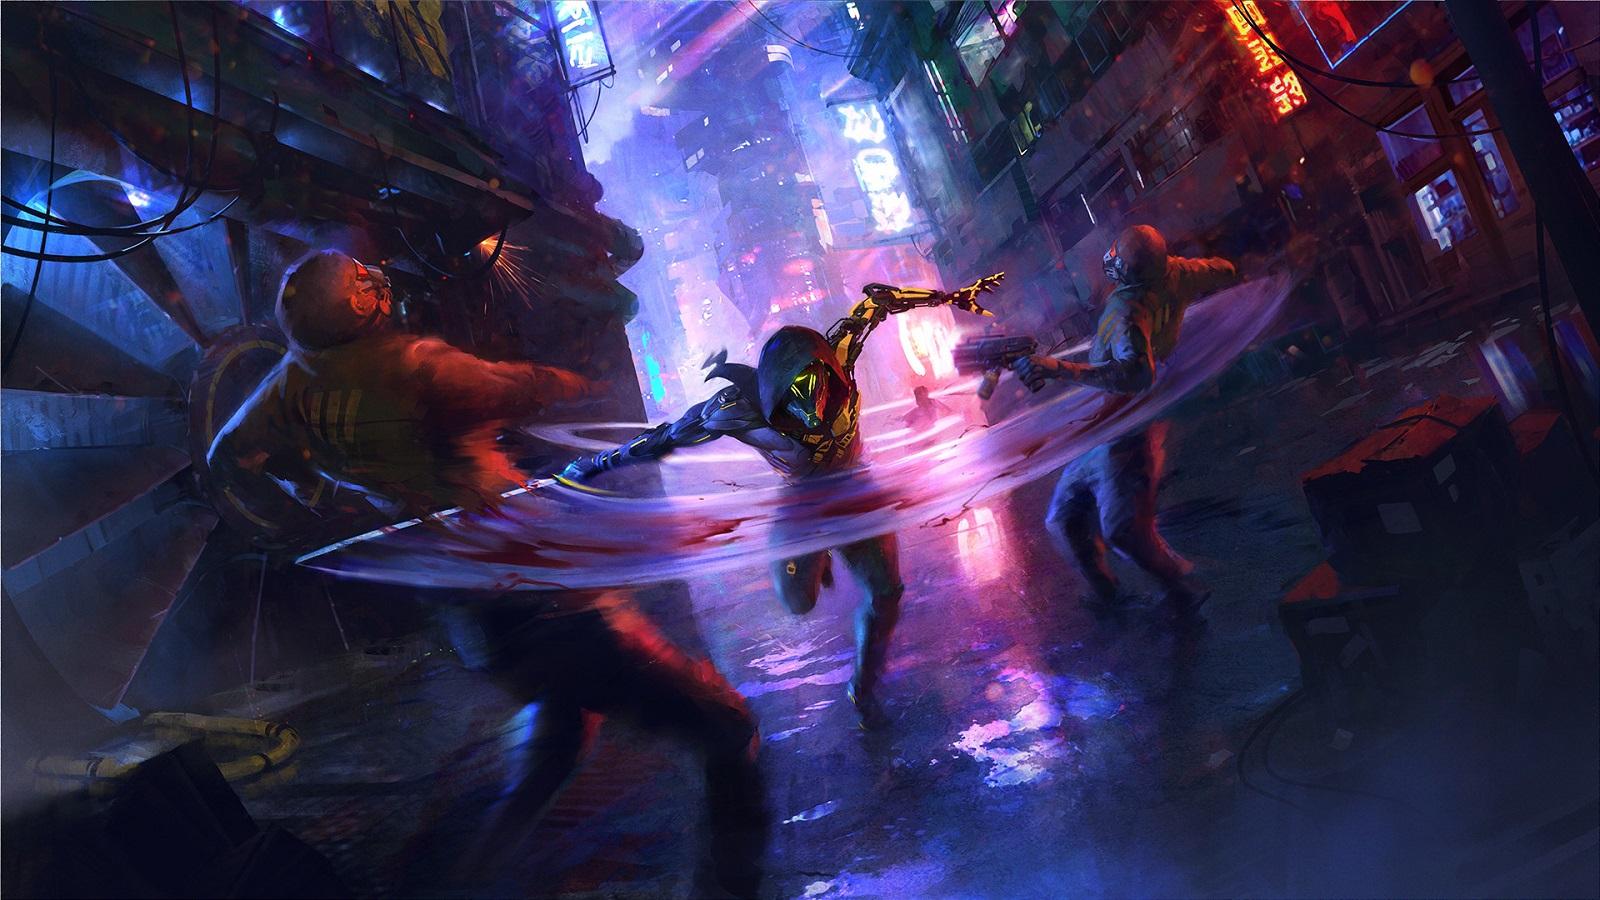 Киберпанковый слешер Ghostrunner выйдет 27 октября — предзаказы уже стартовали